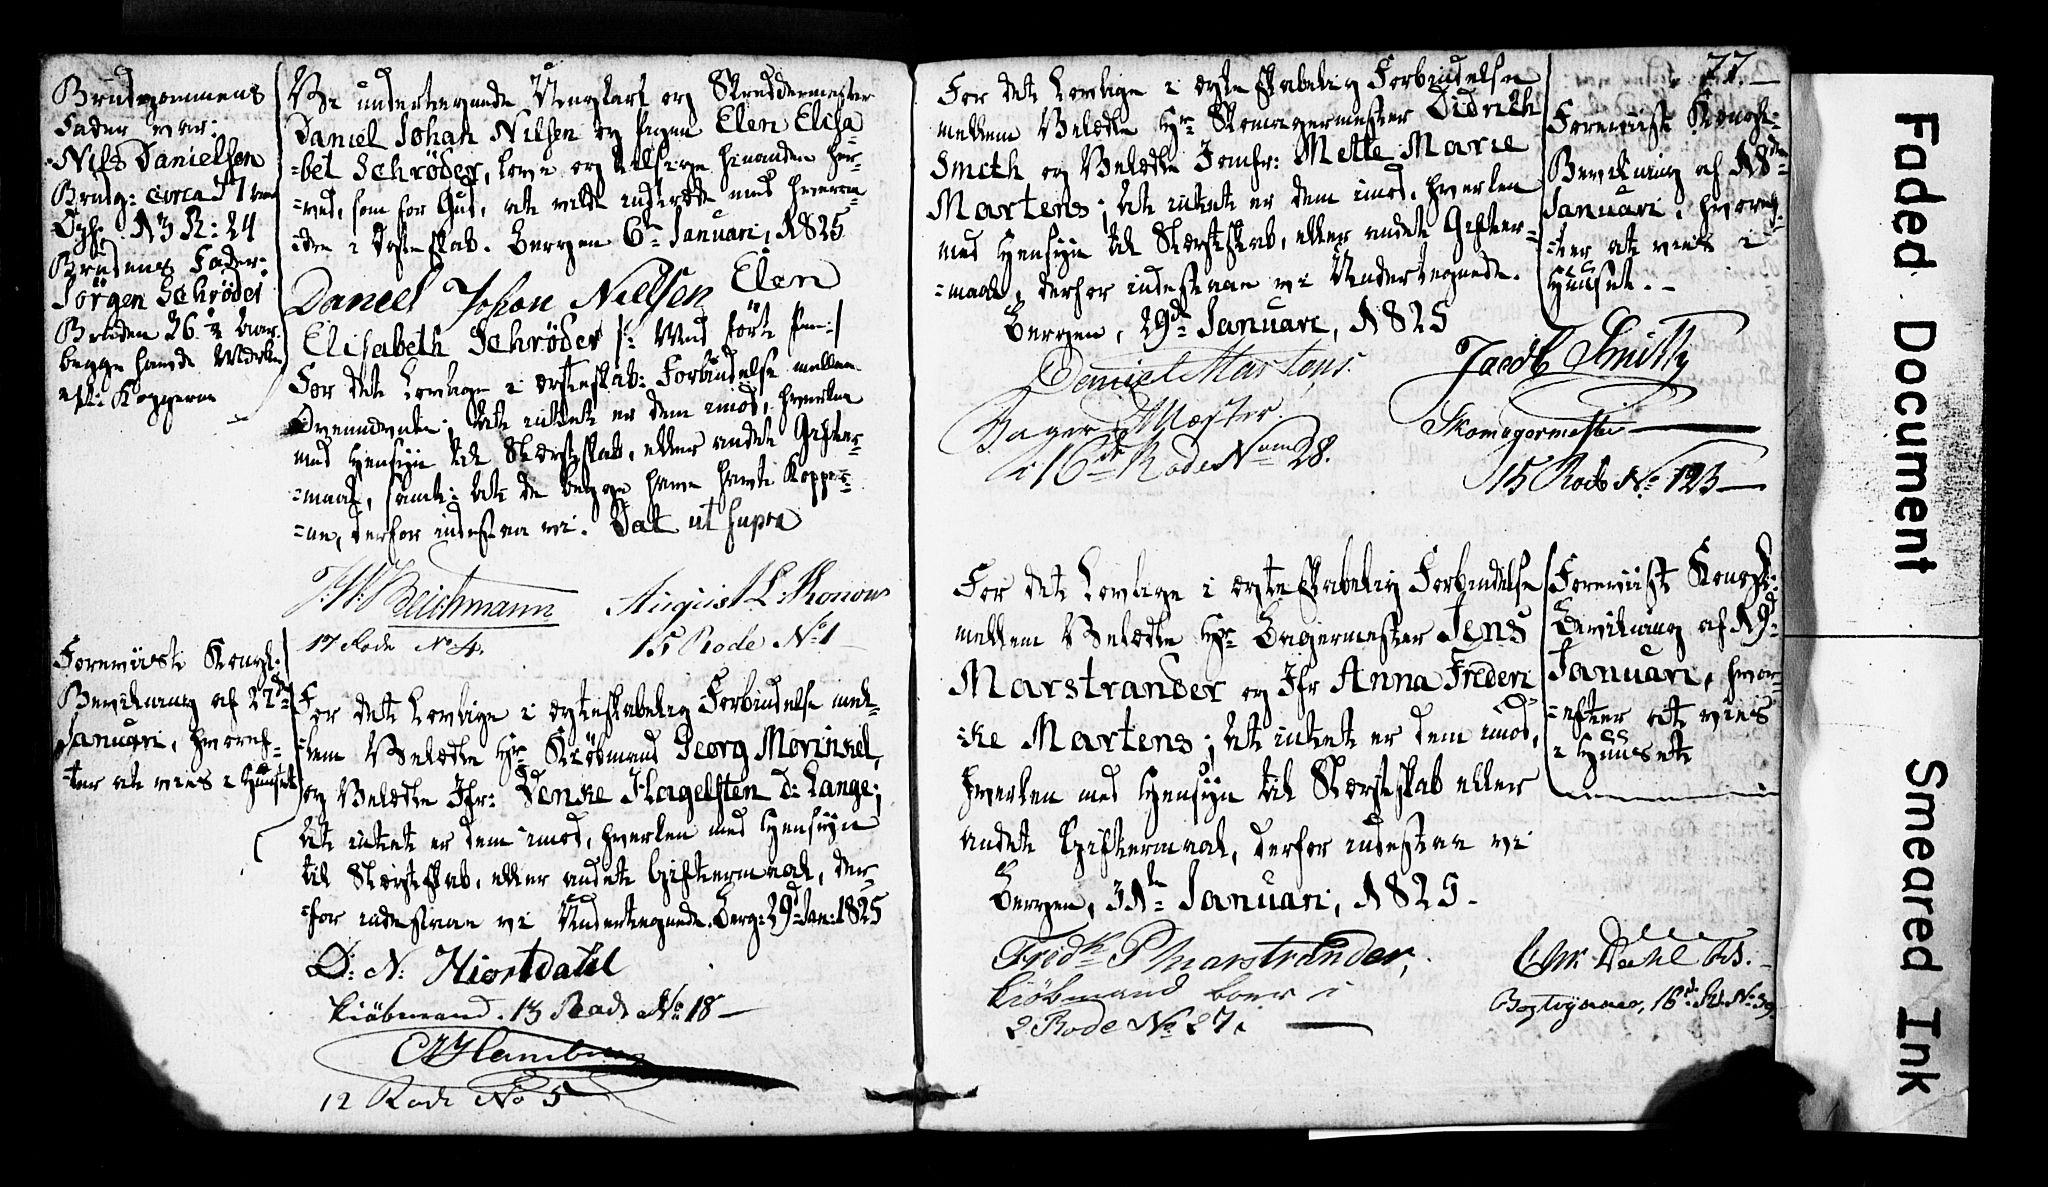 SAB, Domkirken Sokneprestembete, Forlovererklæringer nr. II.5.2, 1820-1832, s. 77